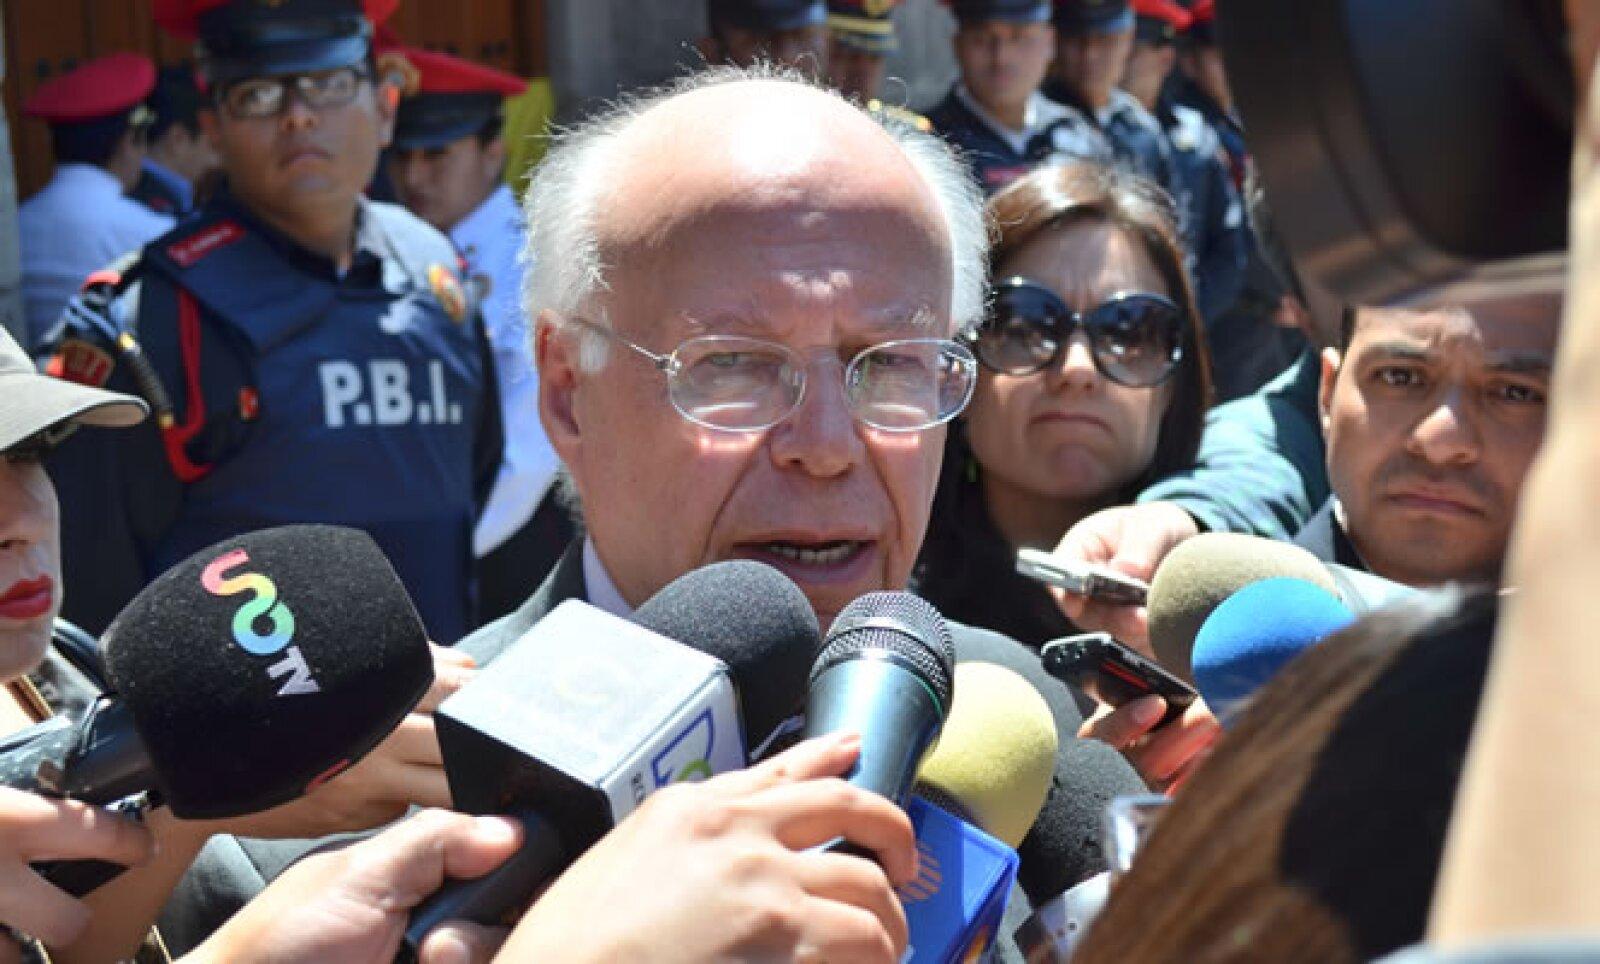 Entre los personajes del mundo de las ciencias y humanidades que hicieron guardia esta mañana se encontraba el rector de la UNAM, José Narro Robles.